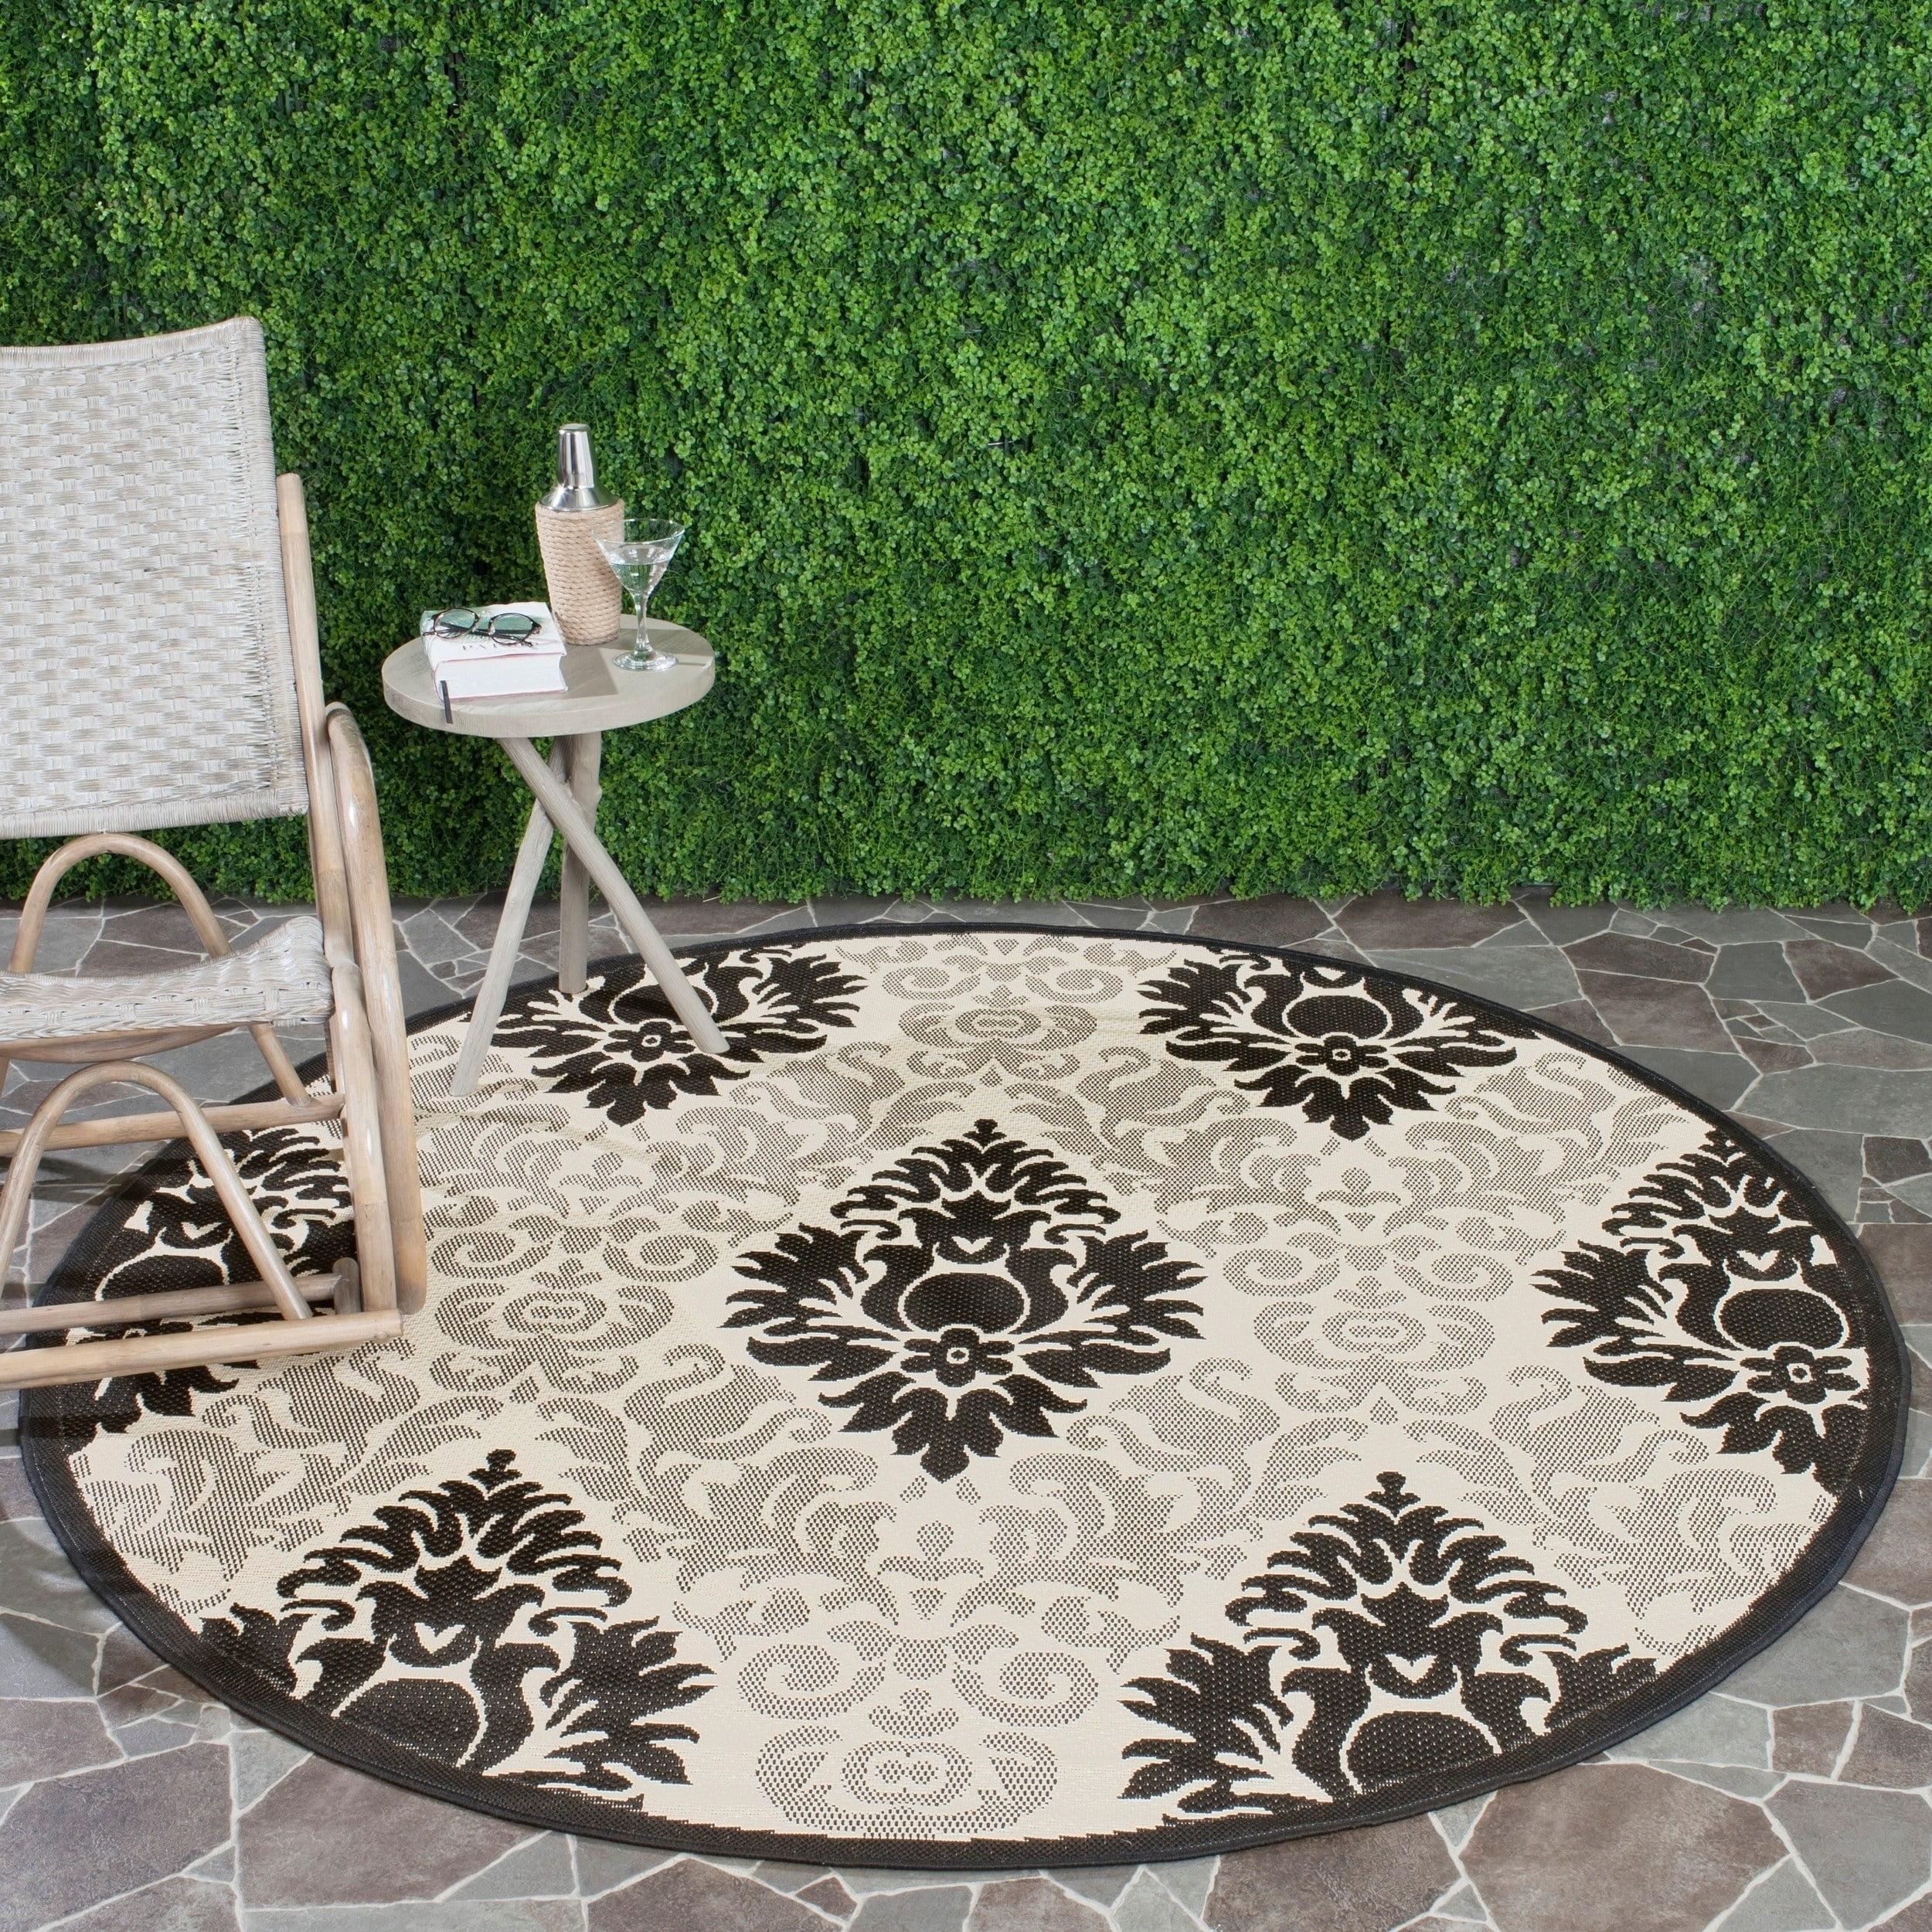 Safavieh Courtyard Jessie Damask Indoor/Outdoor Area Rug or Runner